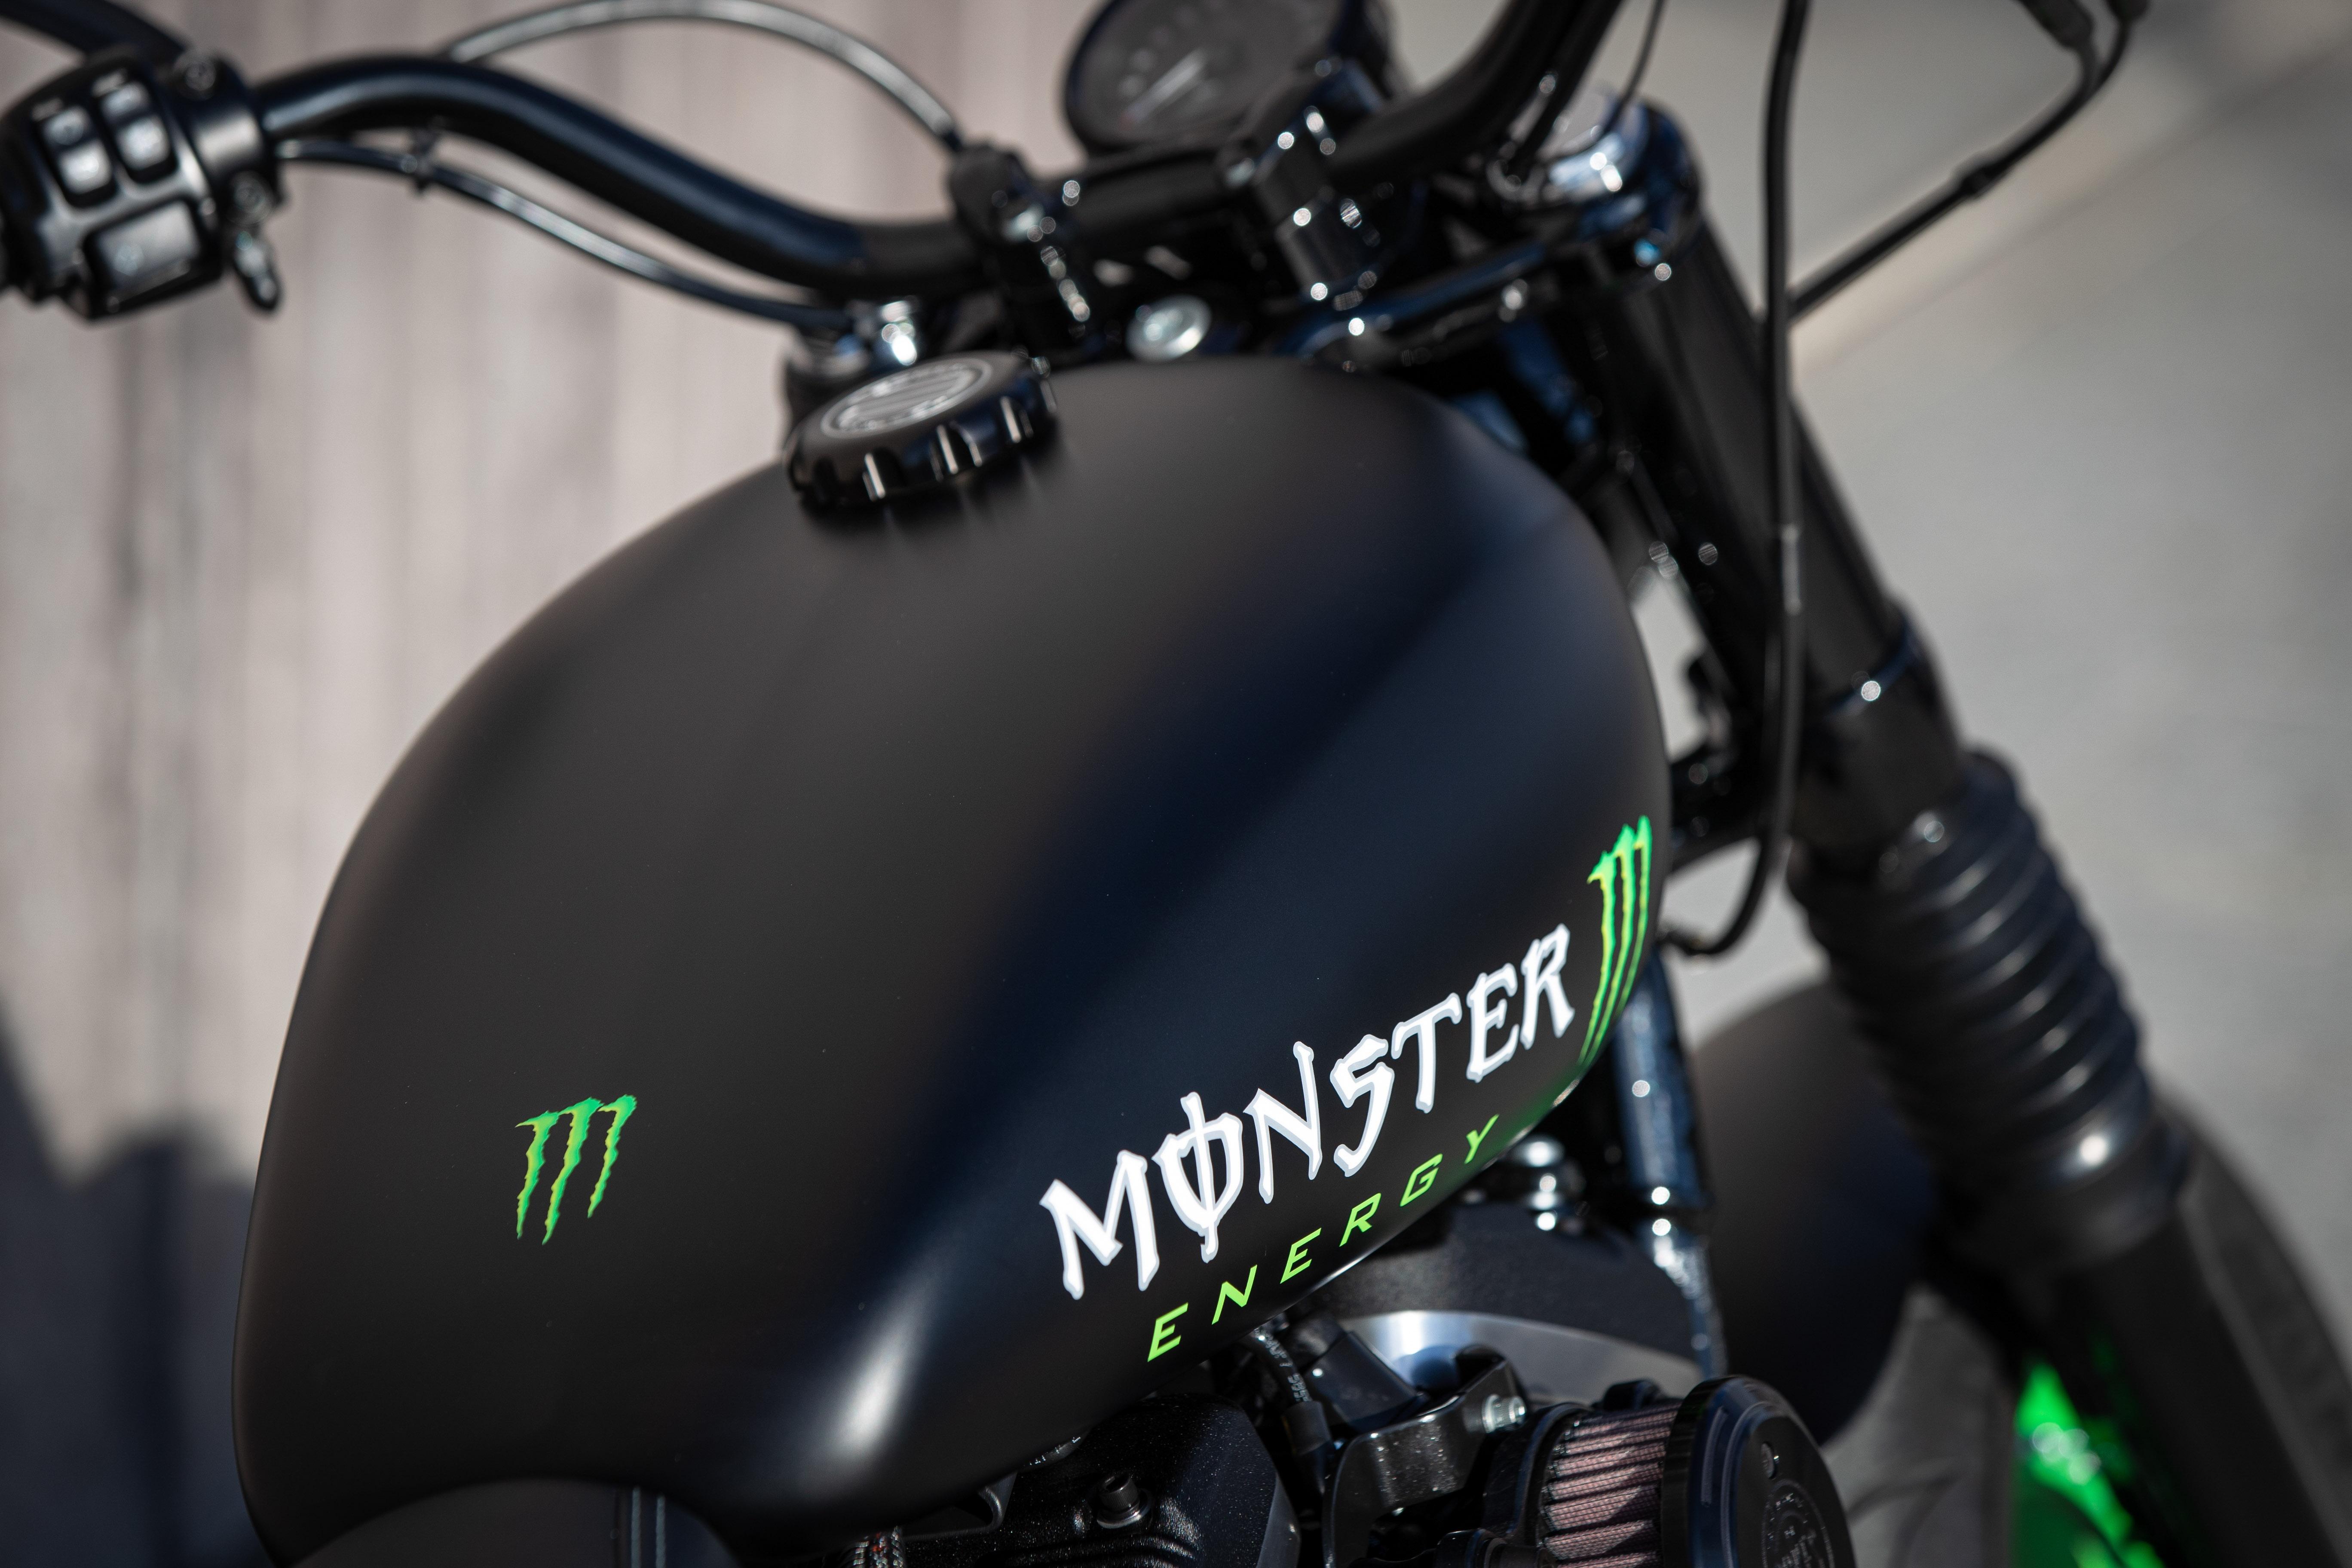 Ngam dan xe Harley-Davidson Sportster lot xac voi ban do Sykes hinh anh 40 2020_Harley_Davidson_Sportster_Custom_5304.jpg